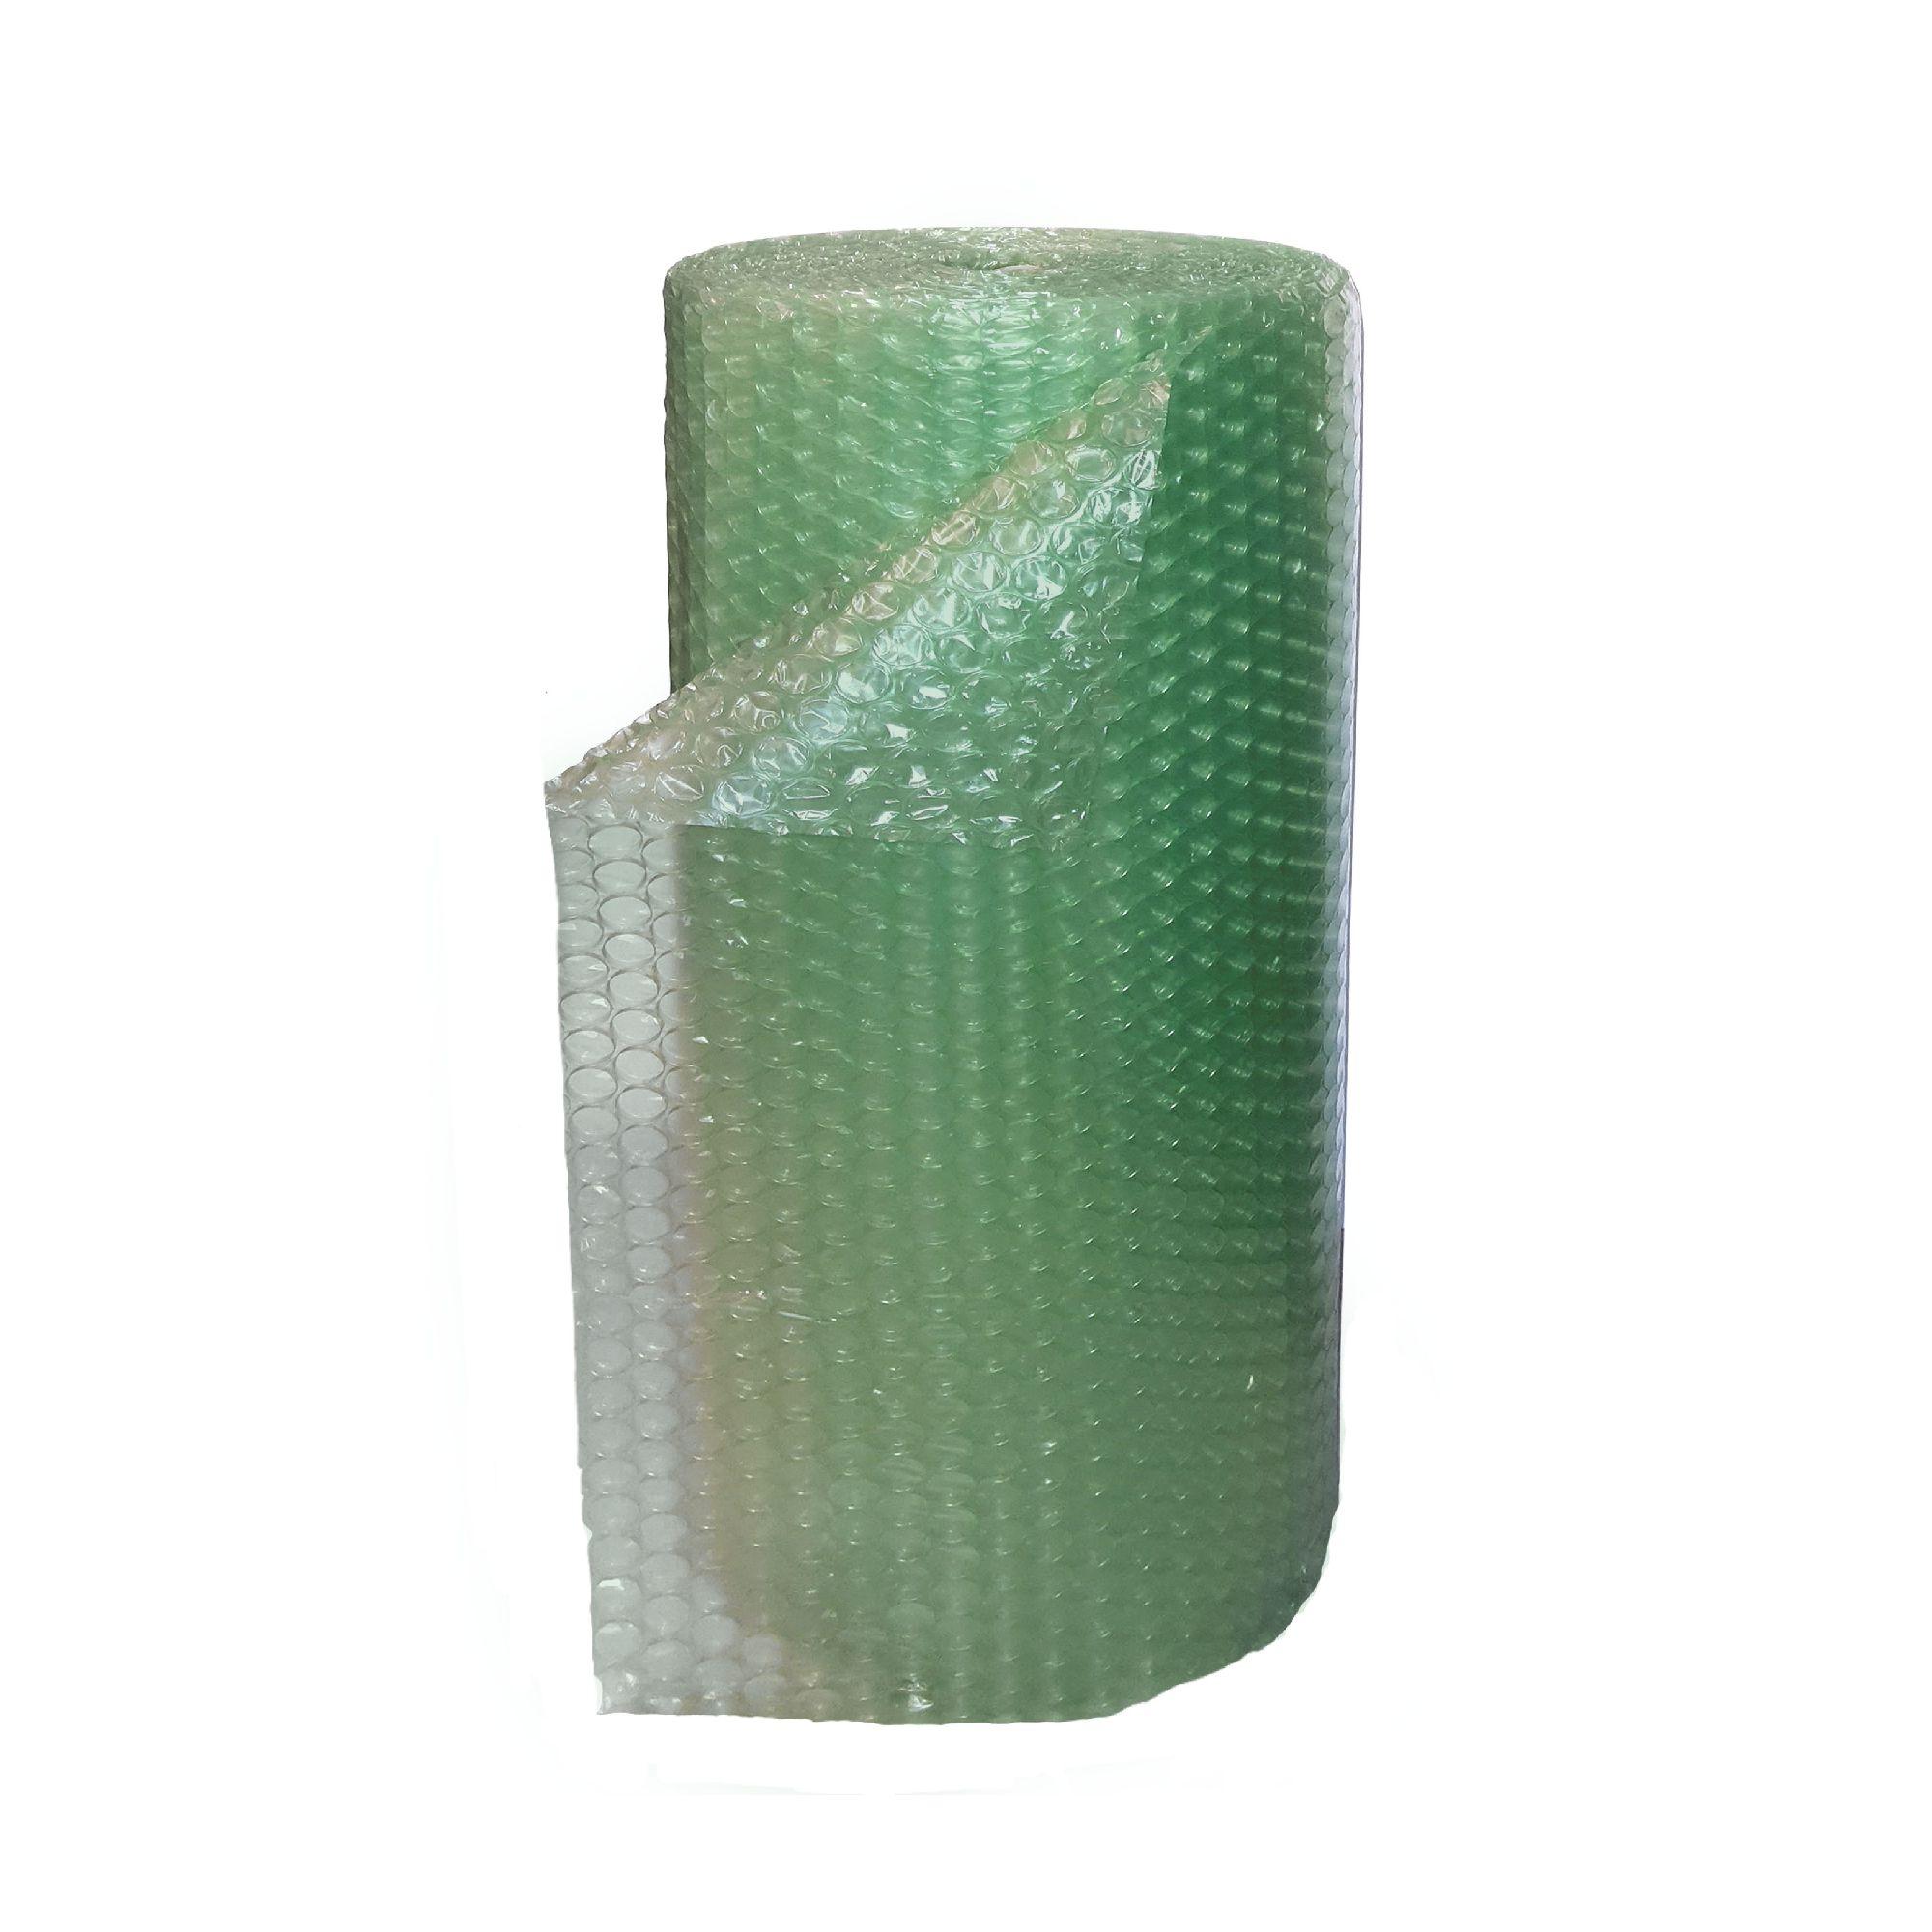 Folie Cu Bule Mici De Aer Pentru Protectie 1 X 50 M Verde